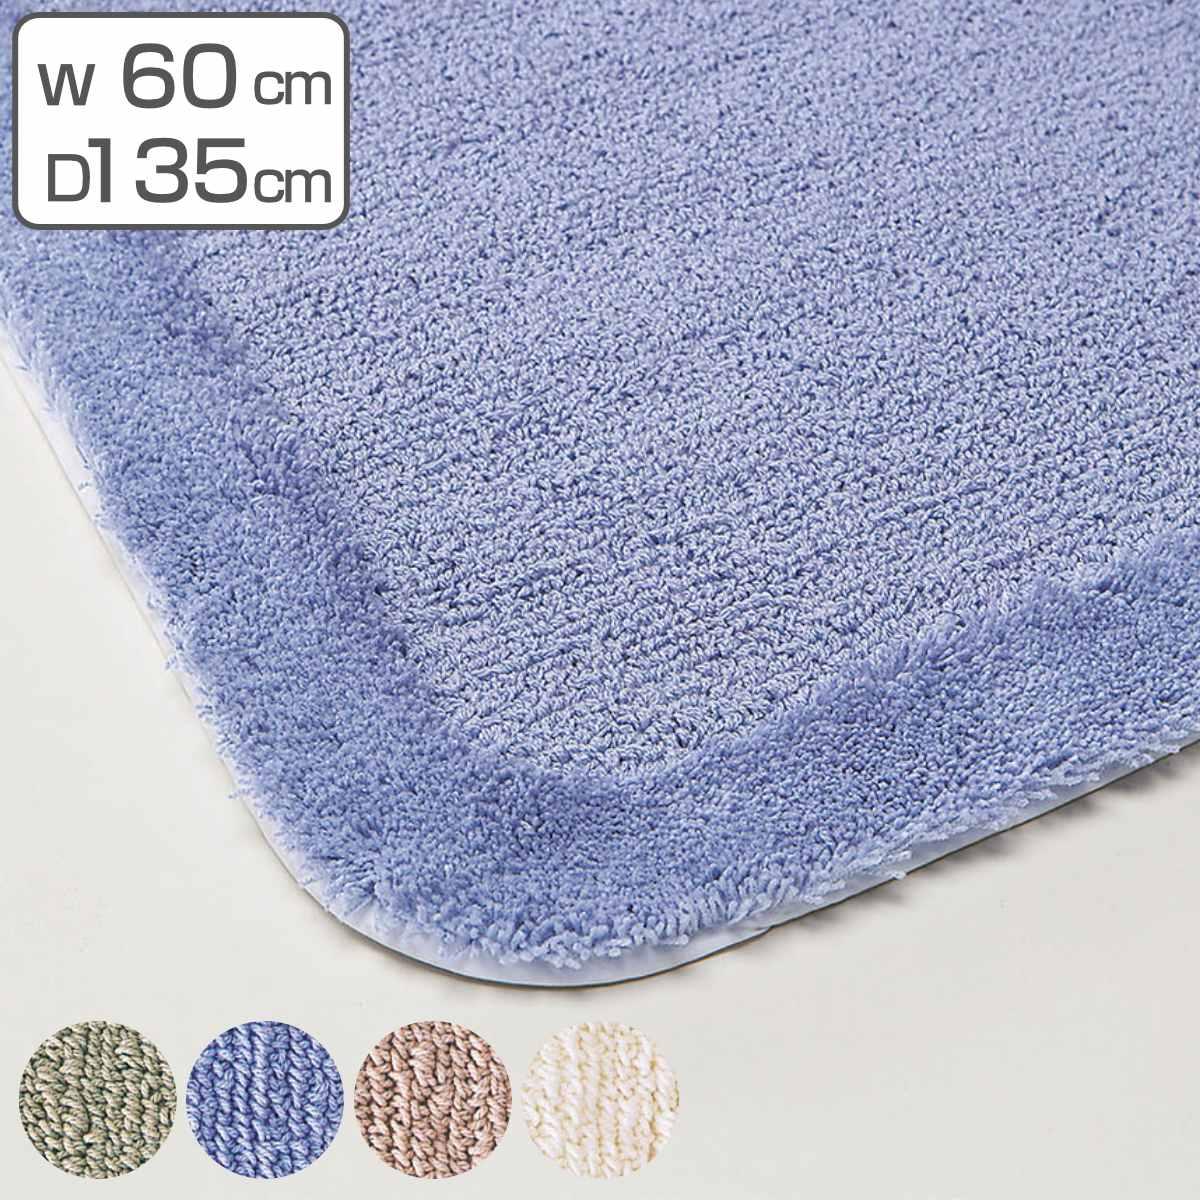 バスマット業務用 吸水ループパイル ノンスリップ抗菌仕様 60×135  ( 足拭き 風呂マット 送料無料 )